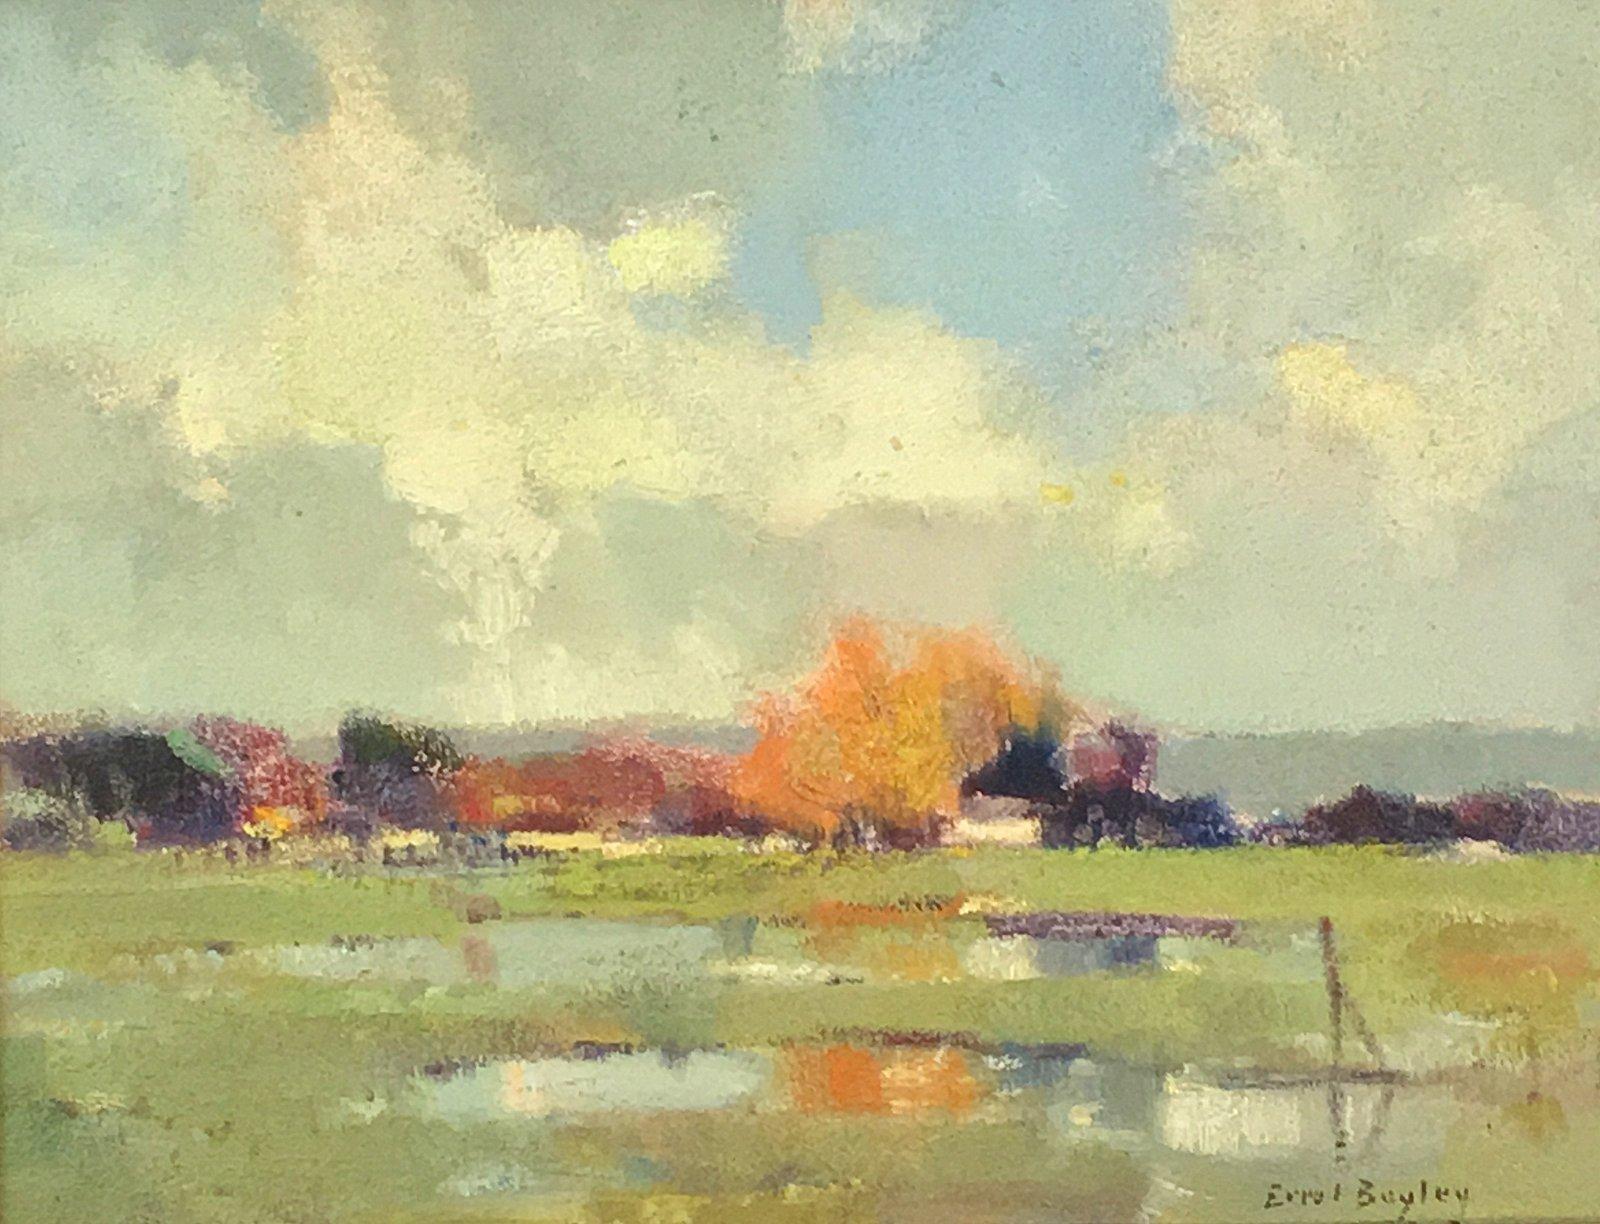 Errol-Boyley-Farm-Landscape340-x-440mm-Oil-on-boardABSOLUT-ART-GALLERY